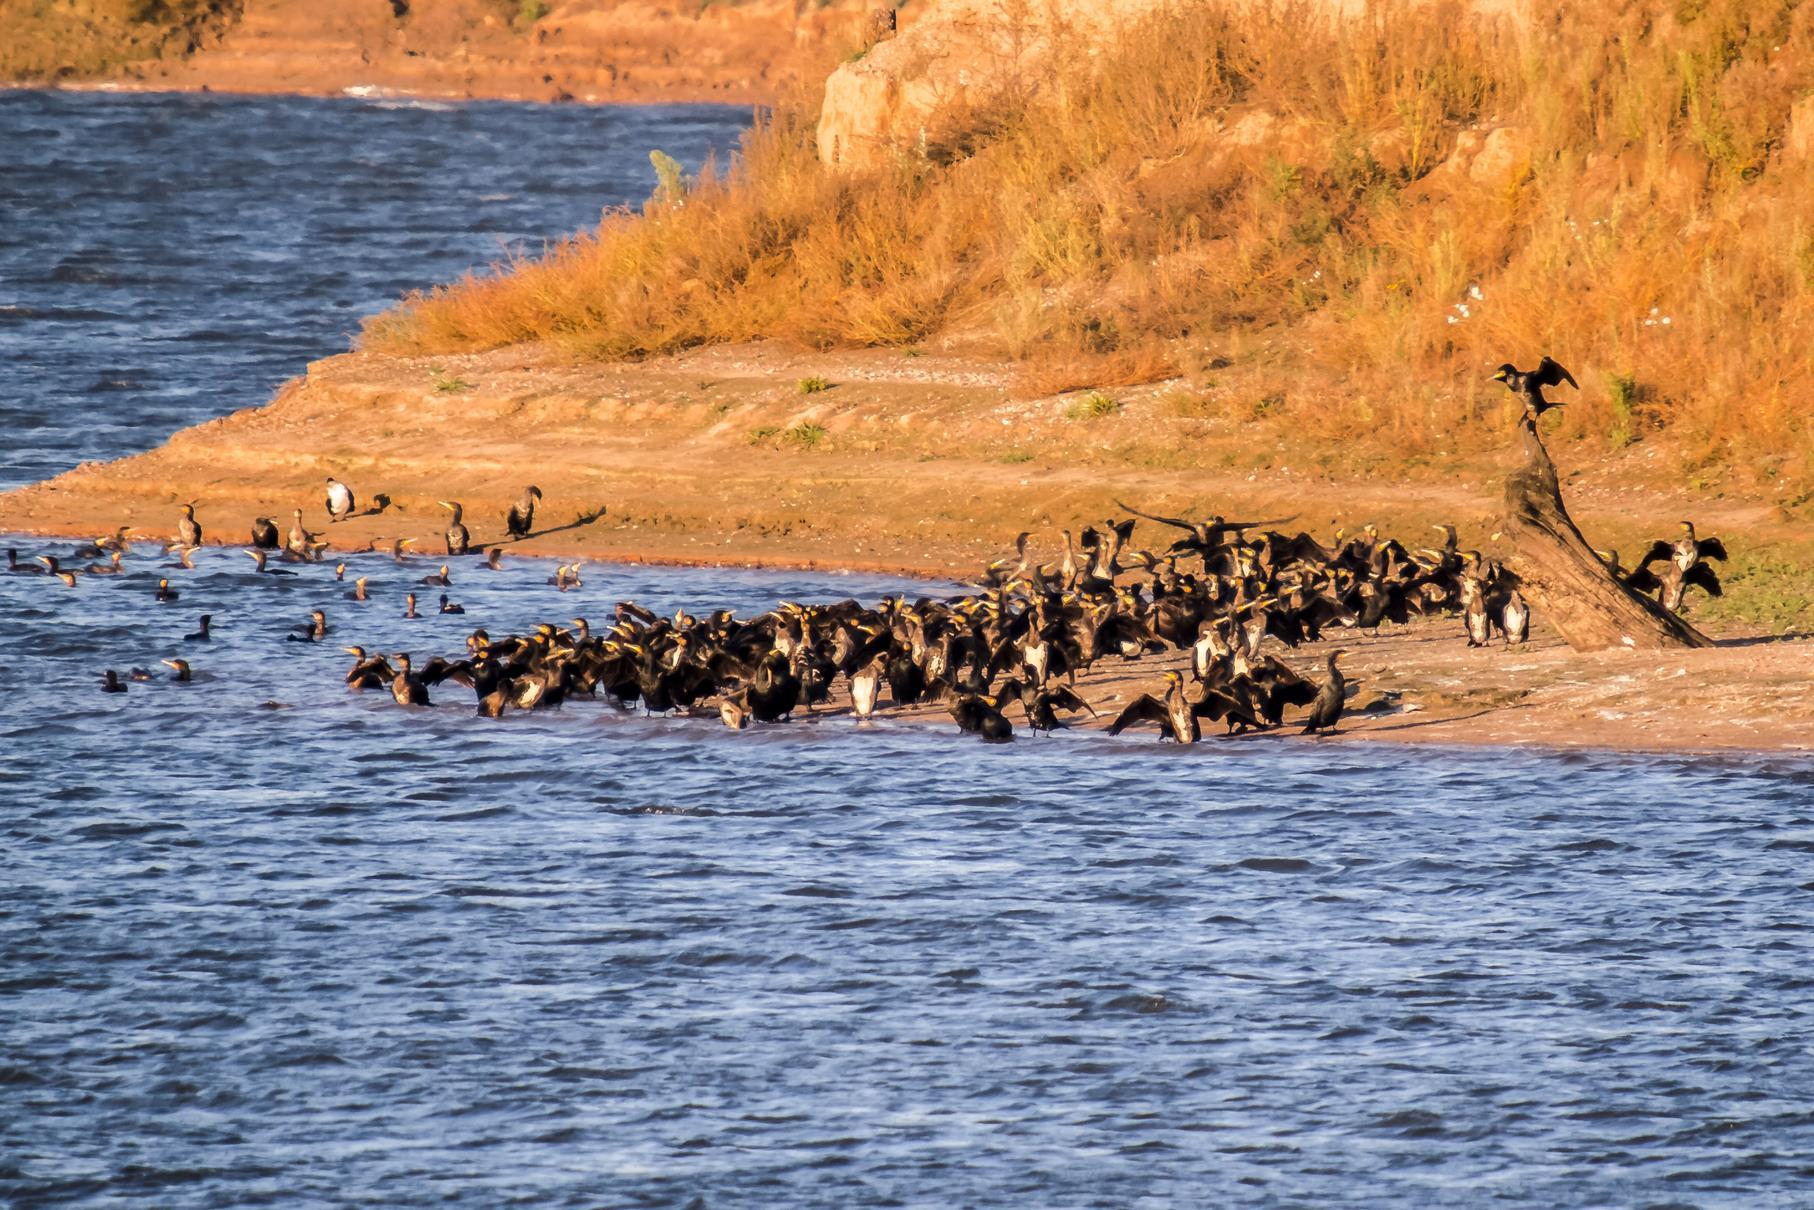 Am Ufer der Vogelinsel haben sich viele Kormorane gesammelt.